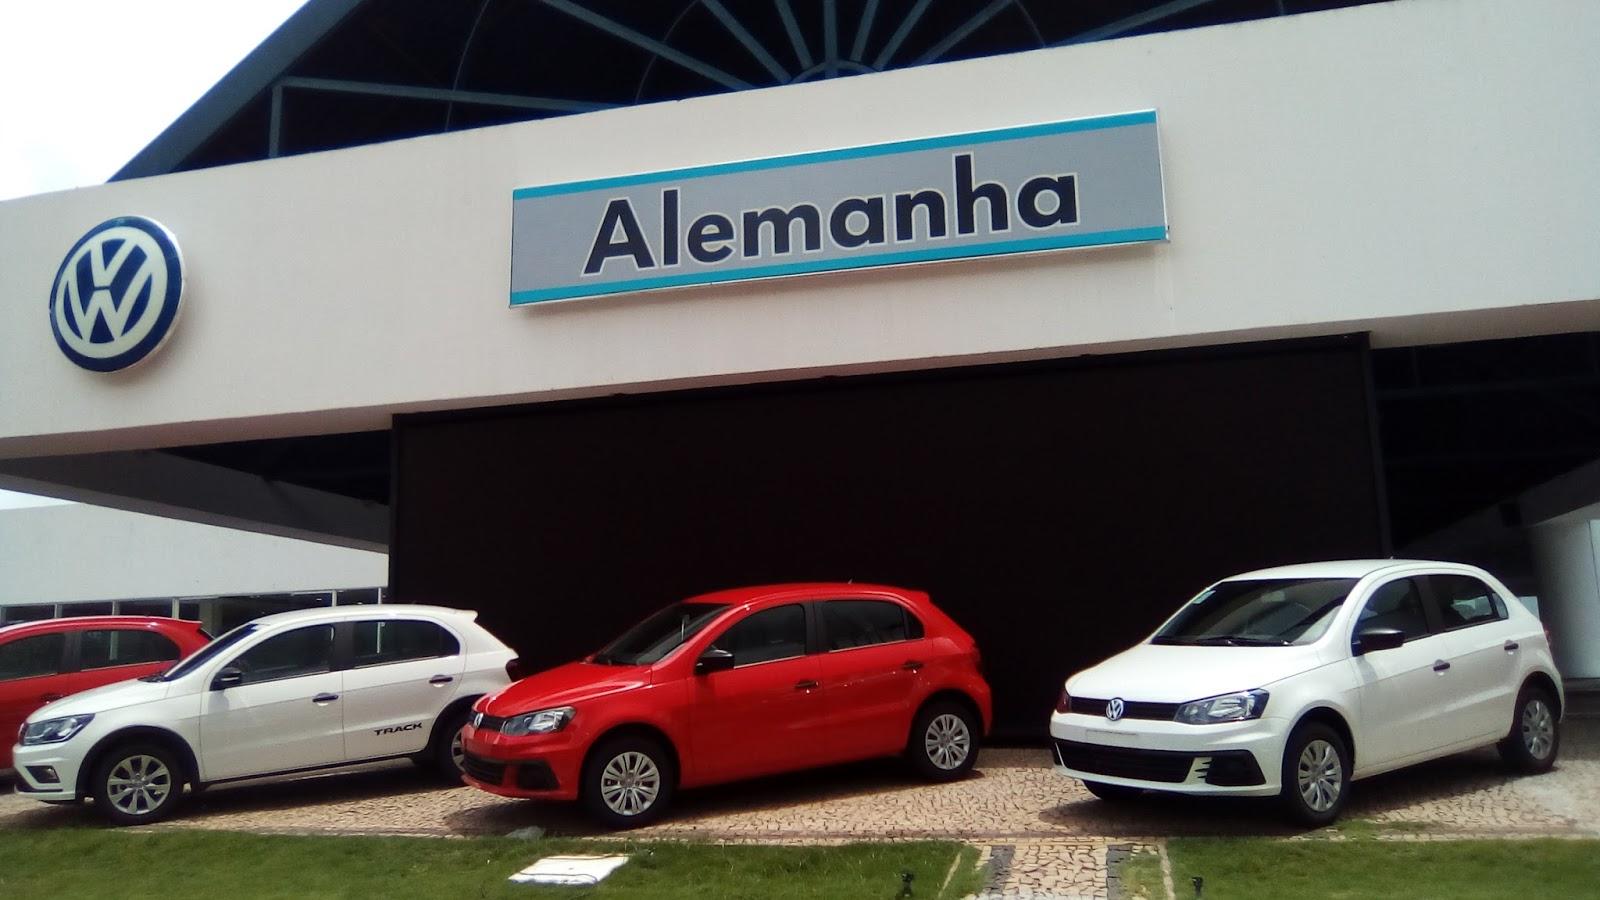 Volkswagen Gol completo com taxa 0% e melhores condições pra fechar negócio: aproveite!